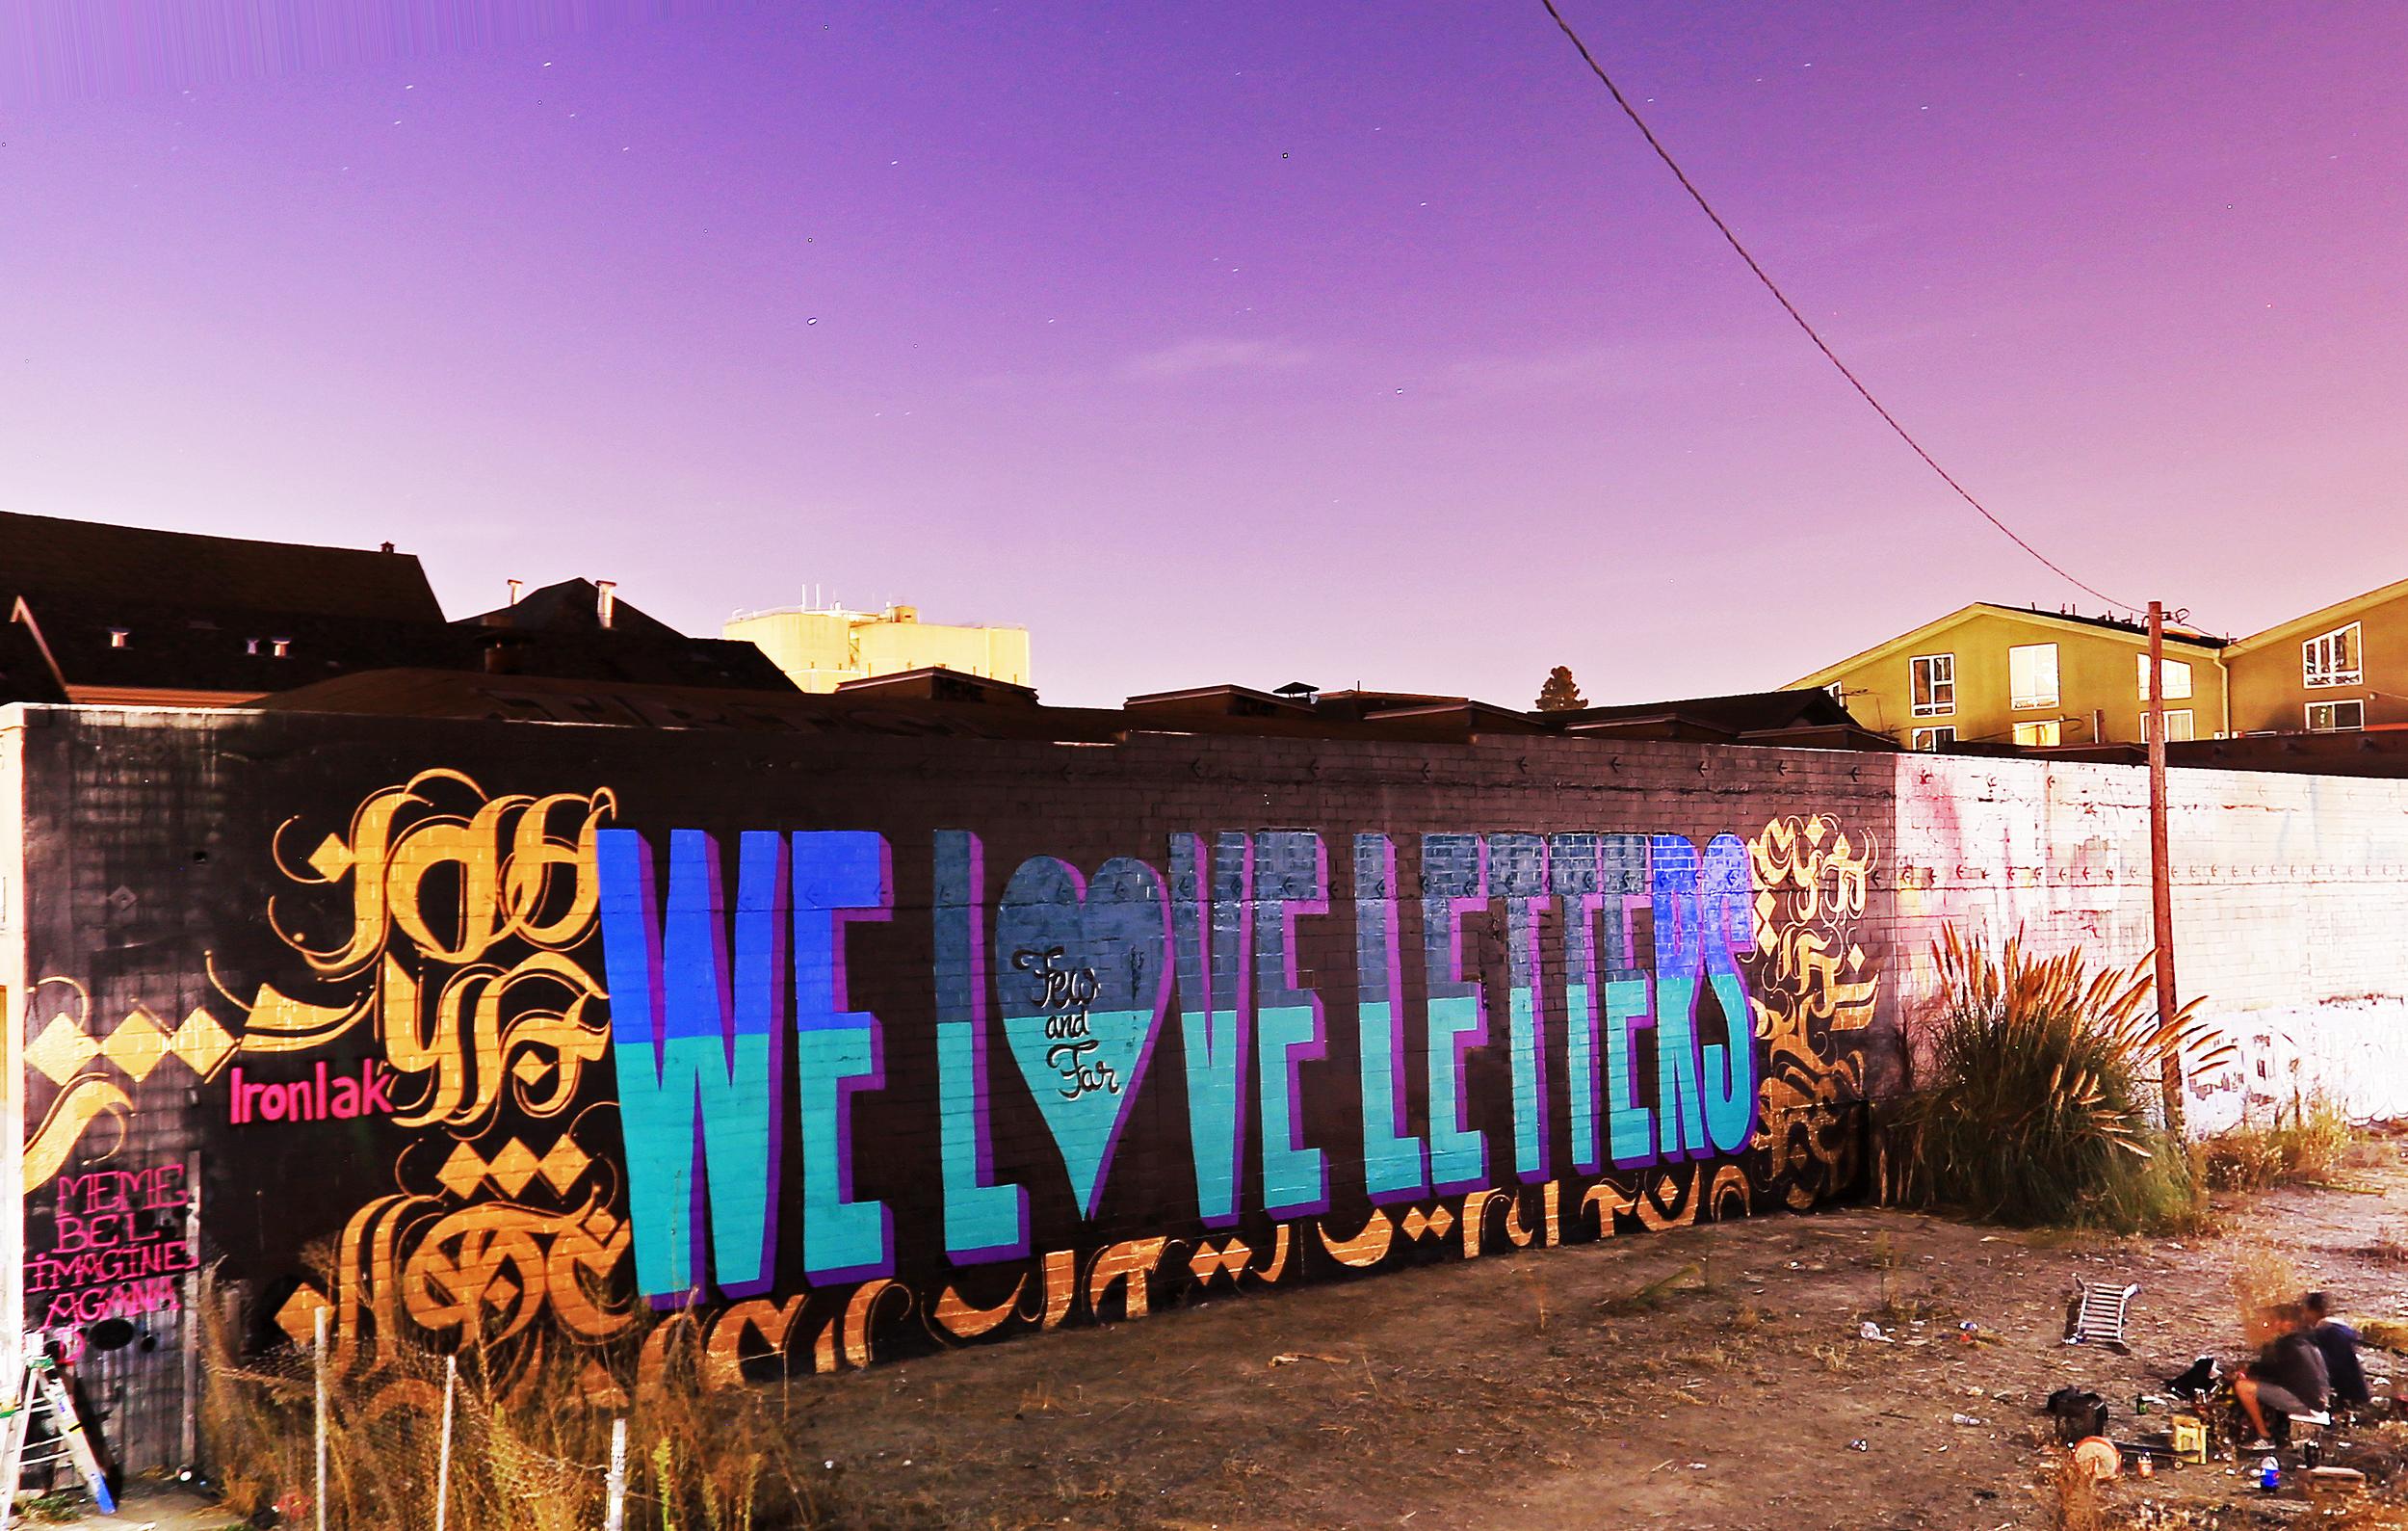 WeLoveLetters, California, 2015